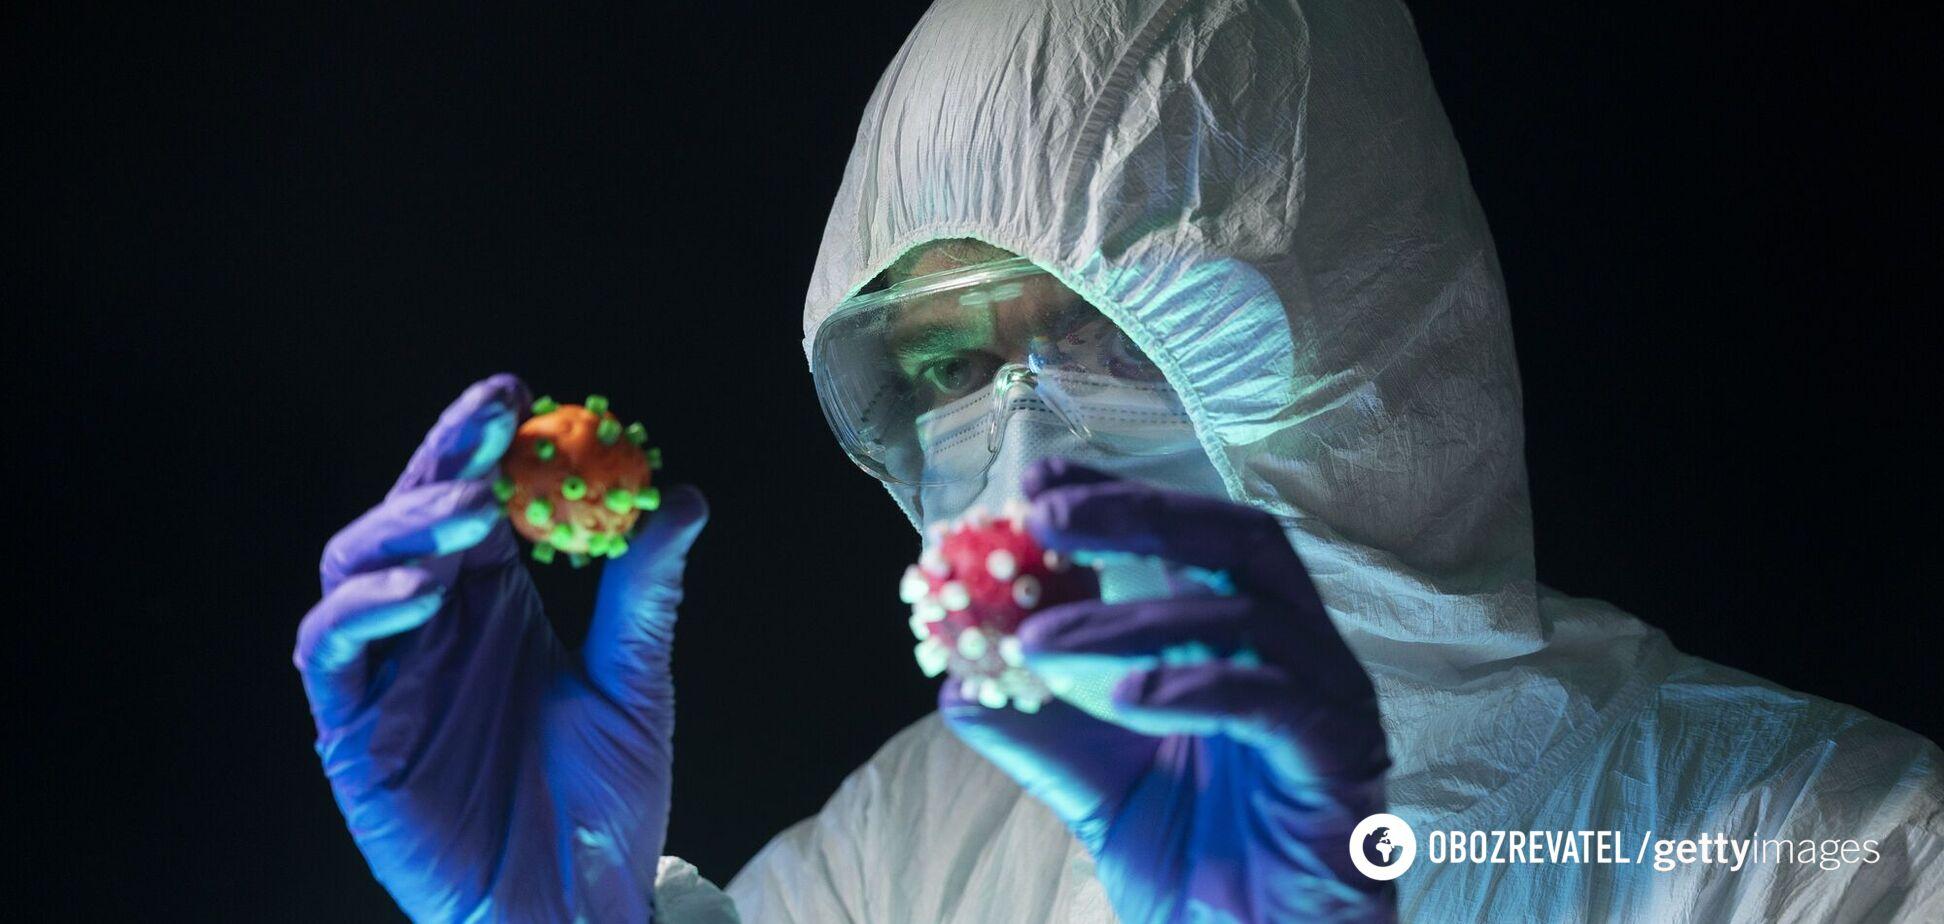 В Германии обнаружен ранее неизвестный мутант коронавируса – СМИ